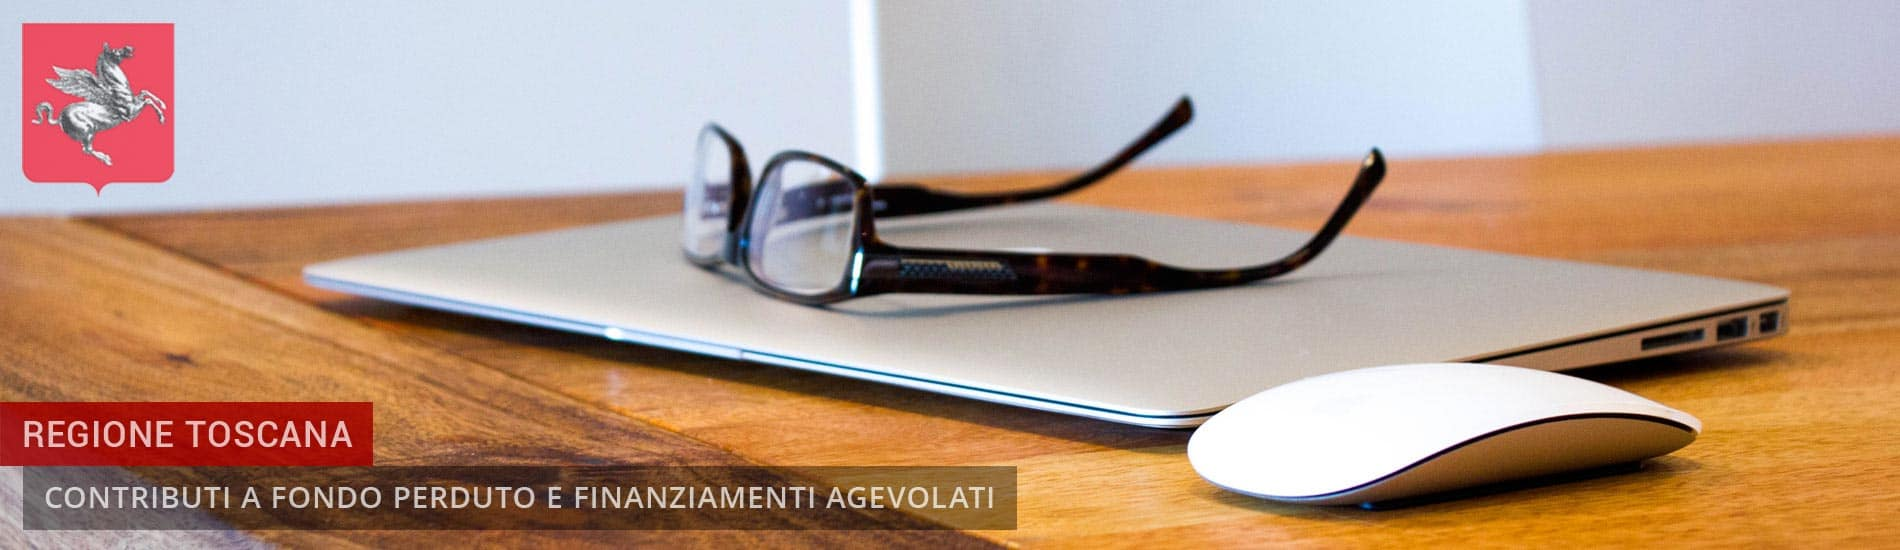 Regione Toscana: Bandi Contributi a fondo perduto e Finanziamenti agevolati